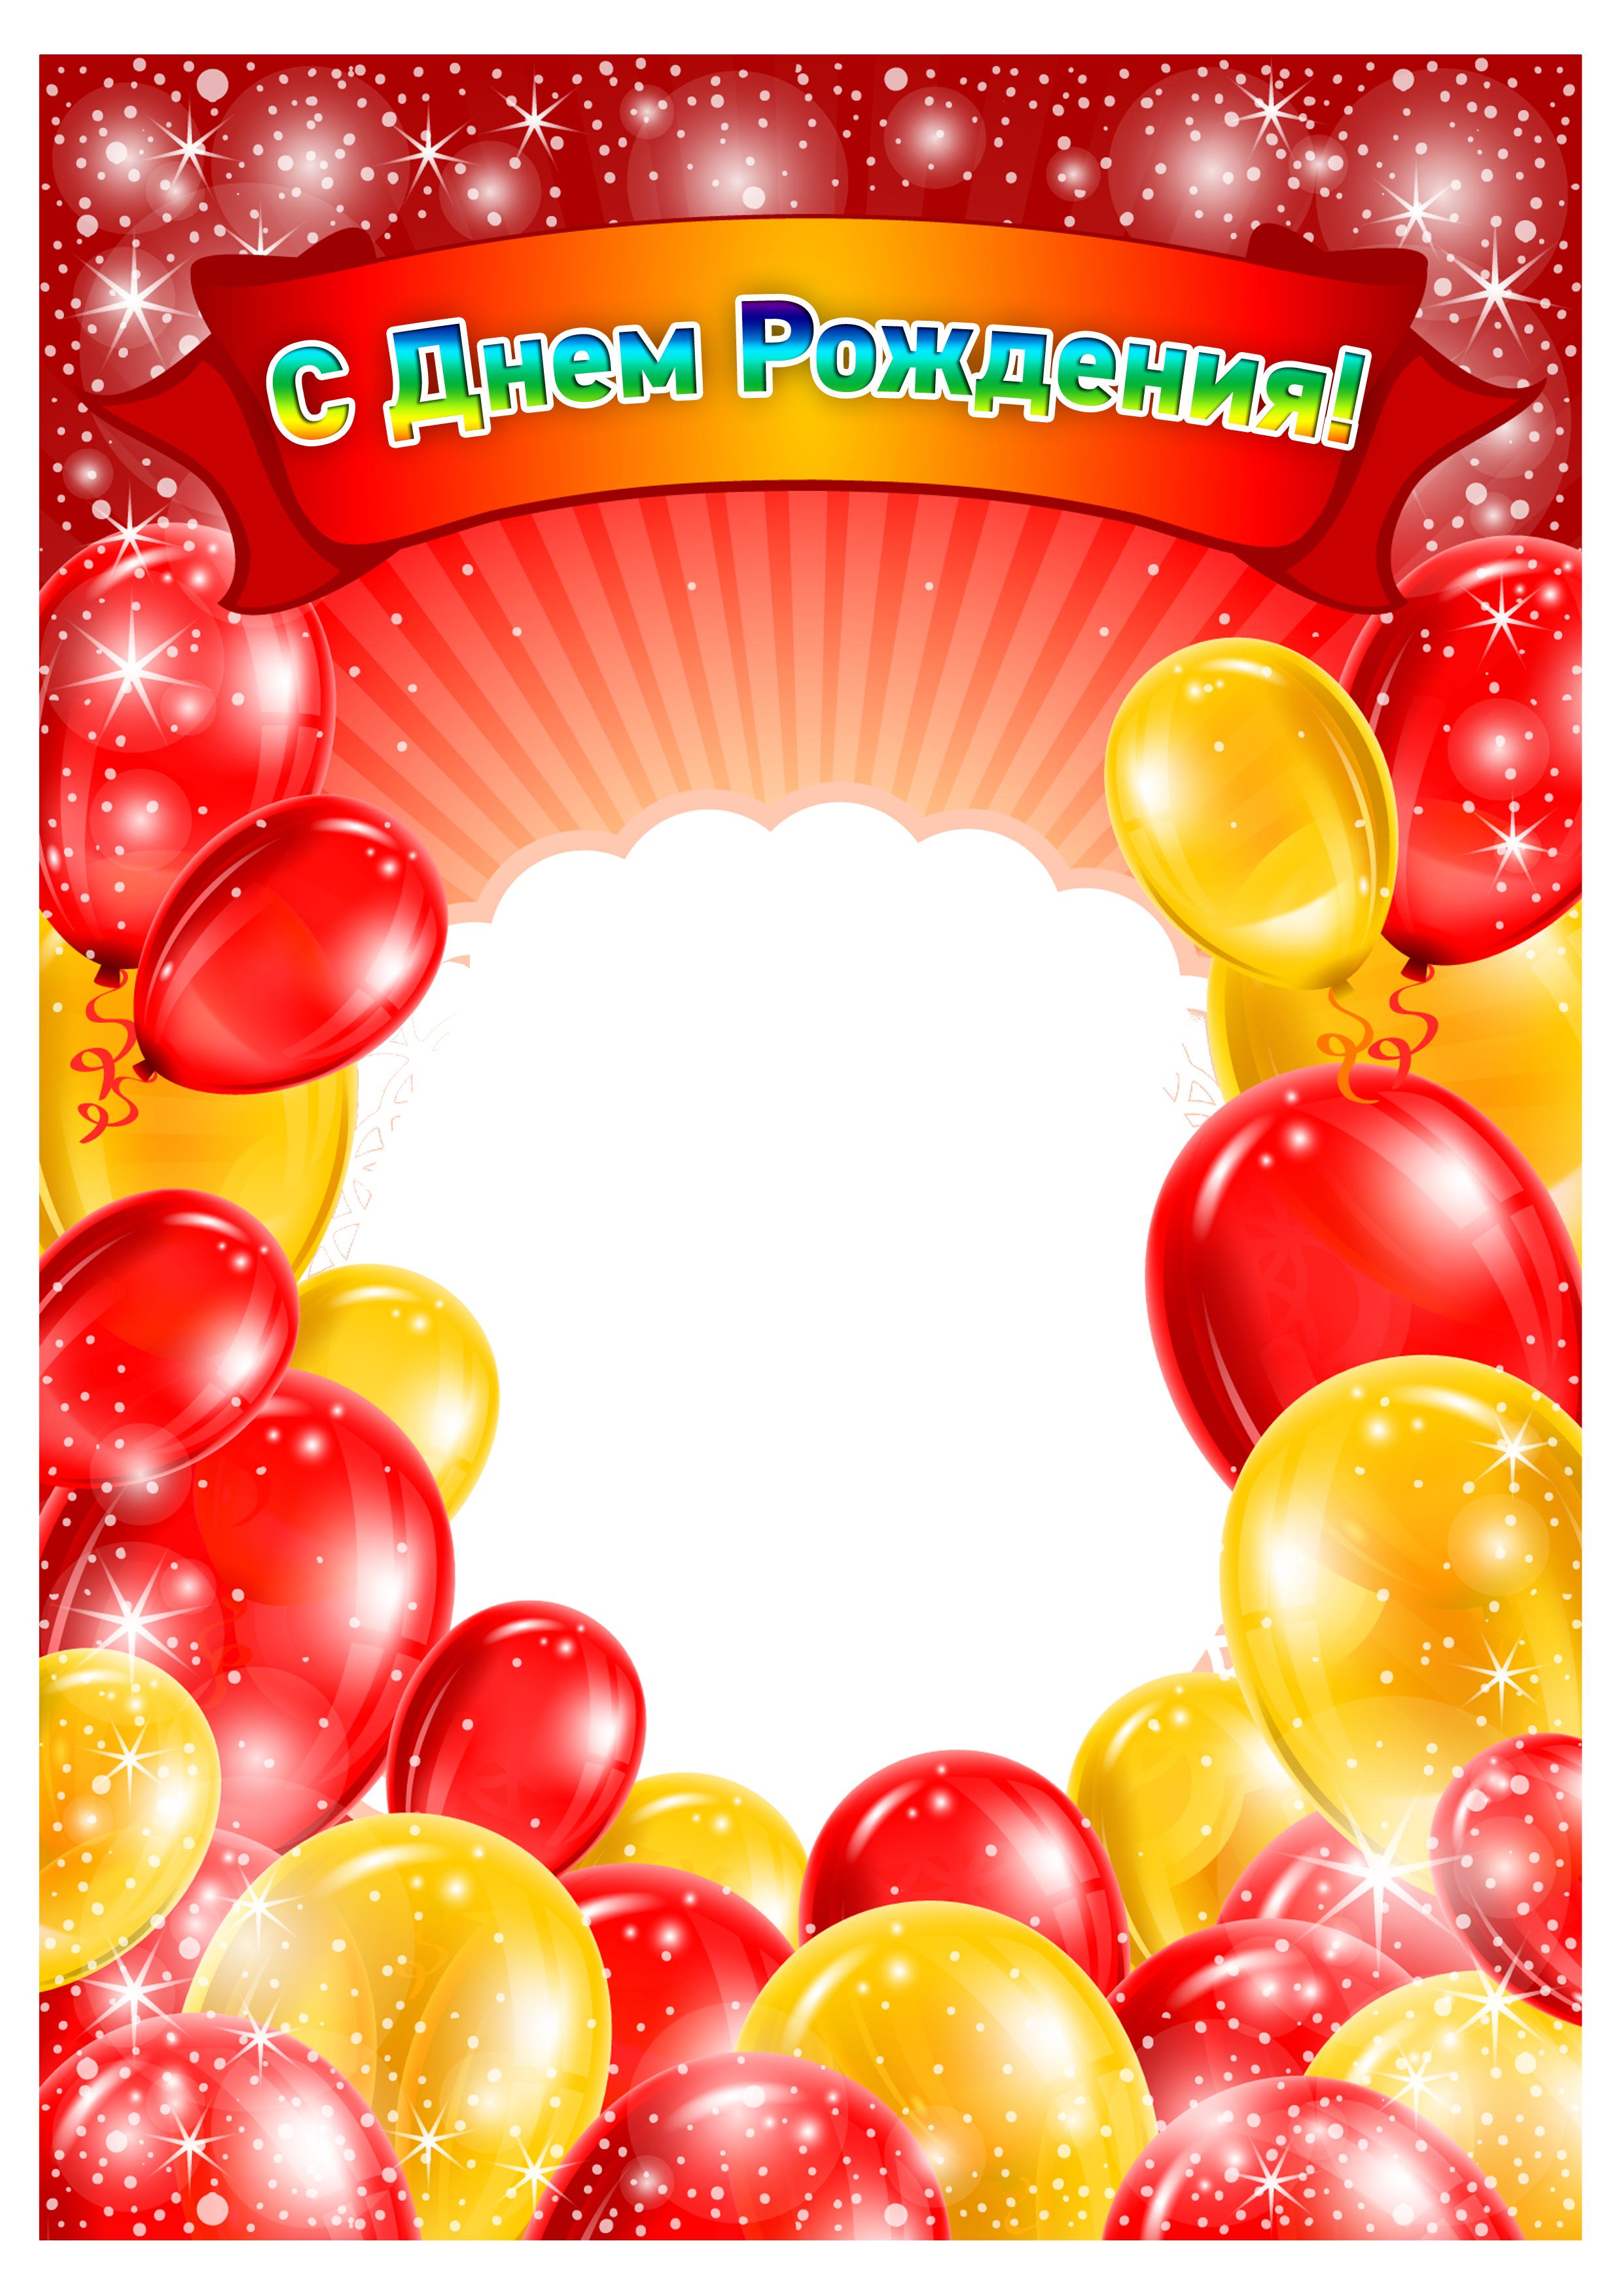 Плакат для поздравления одноклассников с днём рождения